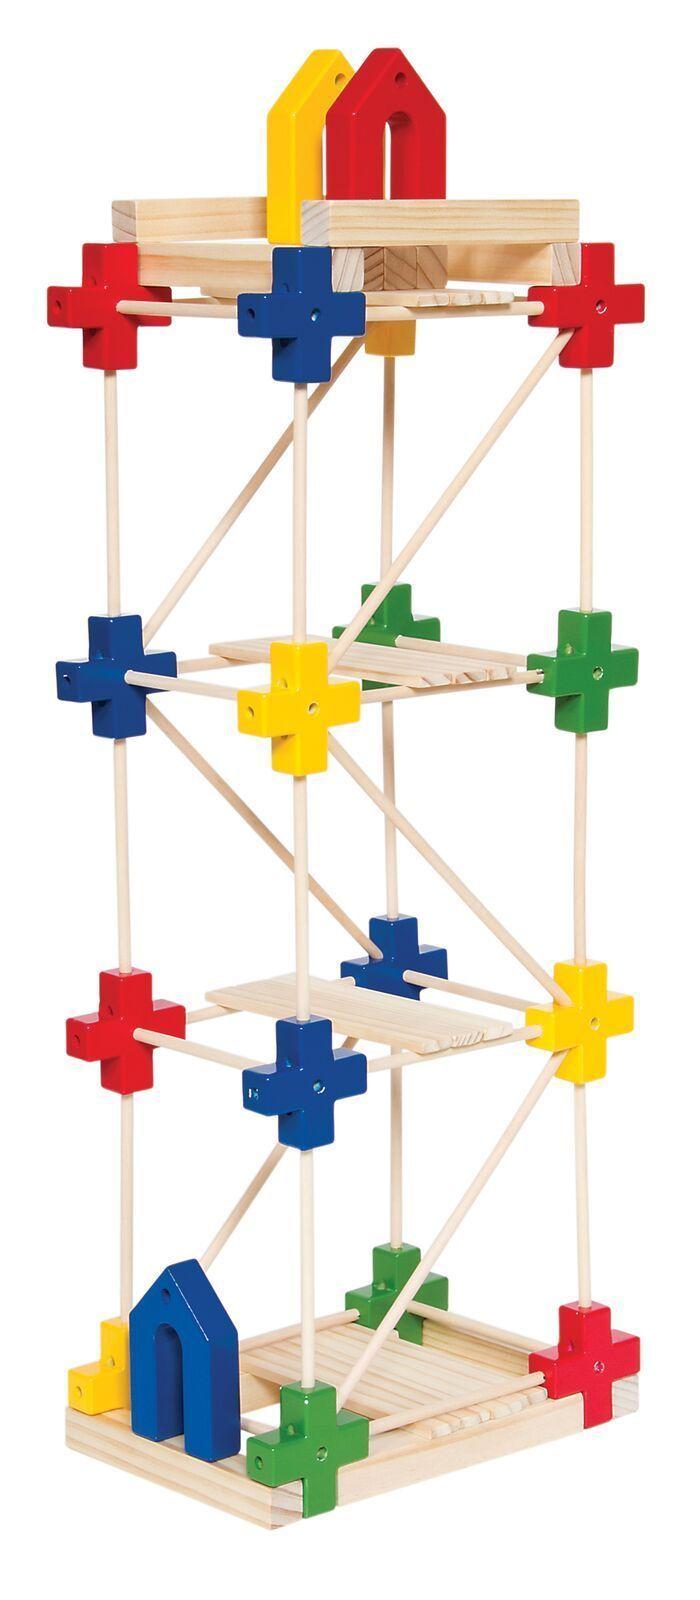 Guidecraft Texo 65 teilig Holzbaukasten in Spielzeug, Baukästen & Konstruktion, Holzbaukästen | eBay!